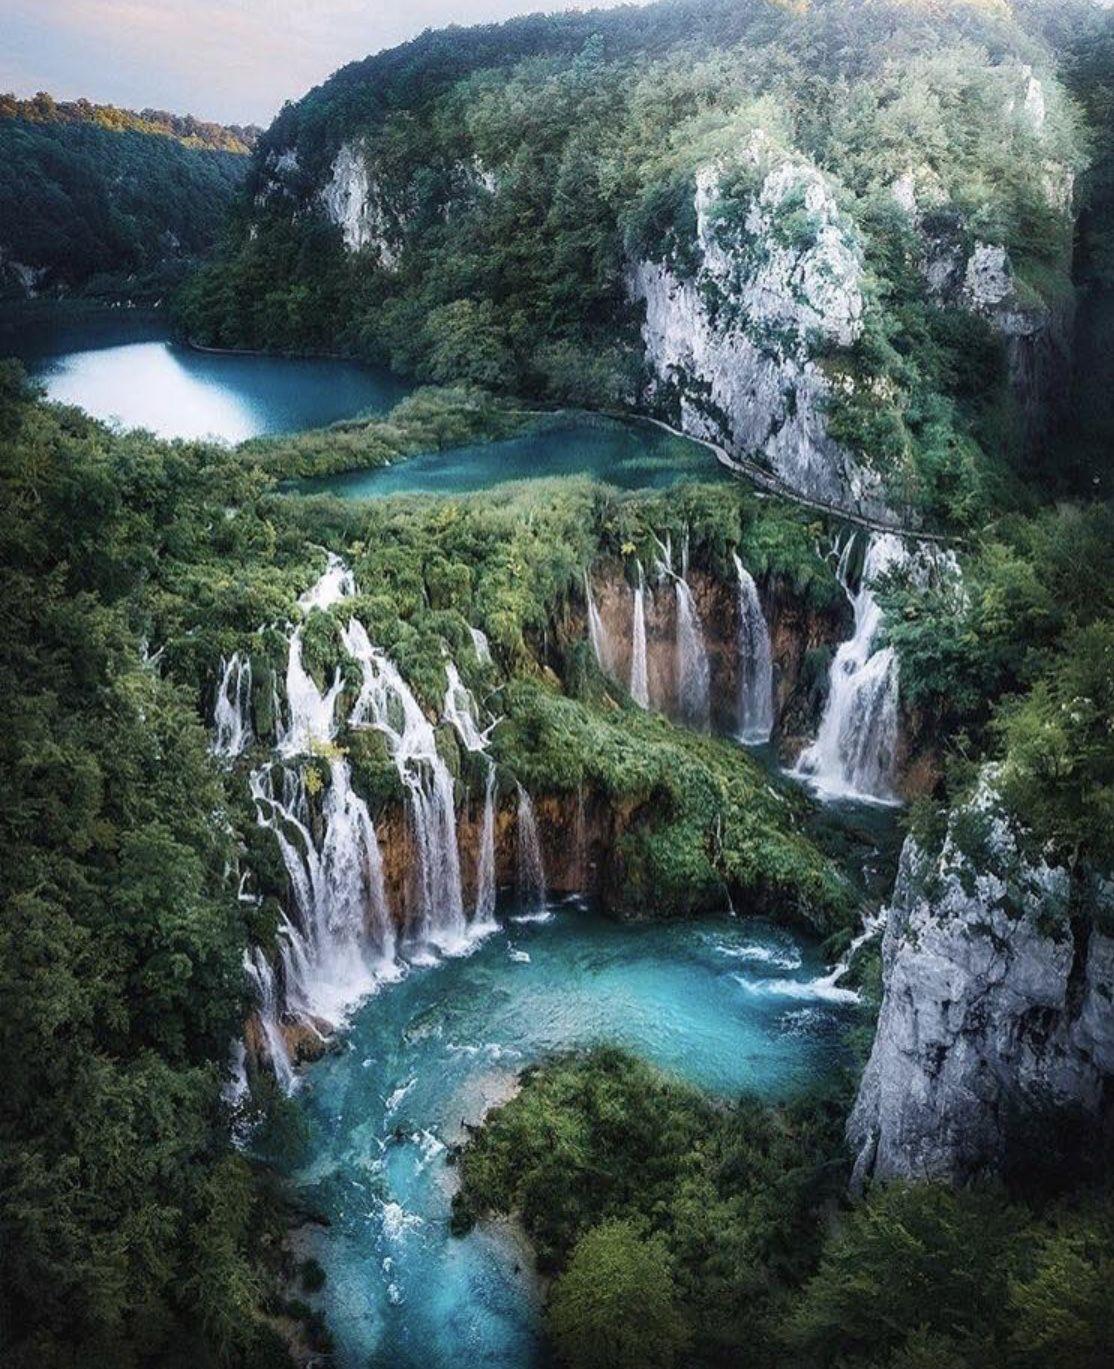 Pin By Jirka Hlavaty On Beauty Of Nature Beautiful Landscape Photography Beautiful Landscapes Waterfall